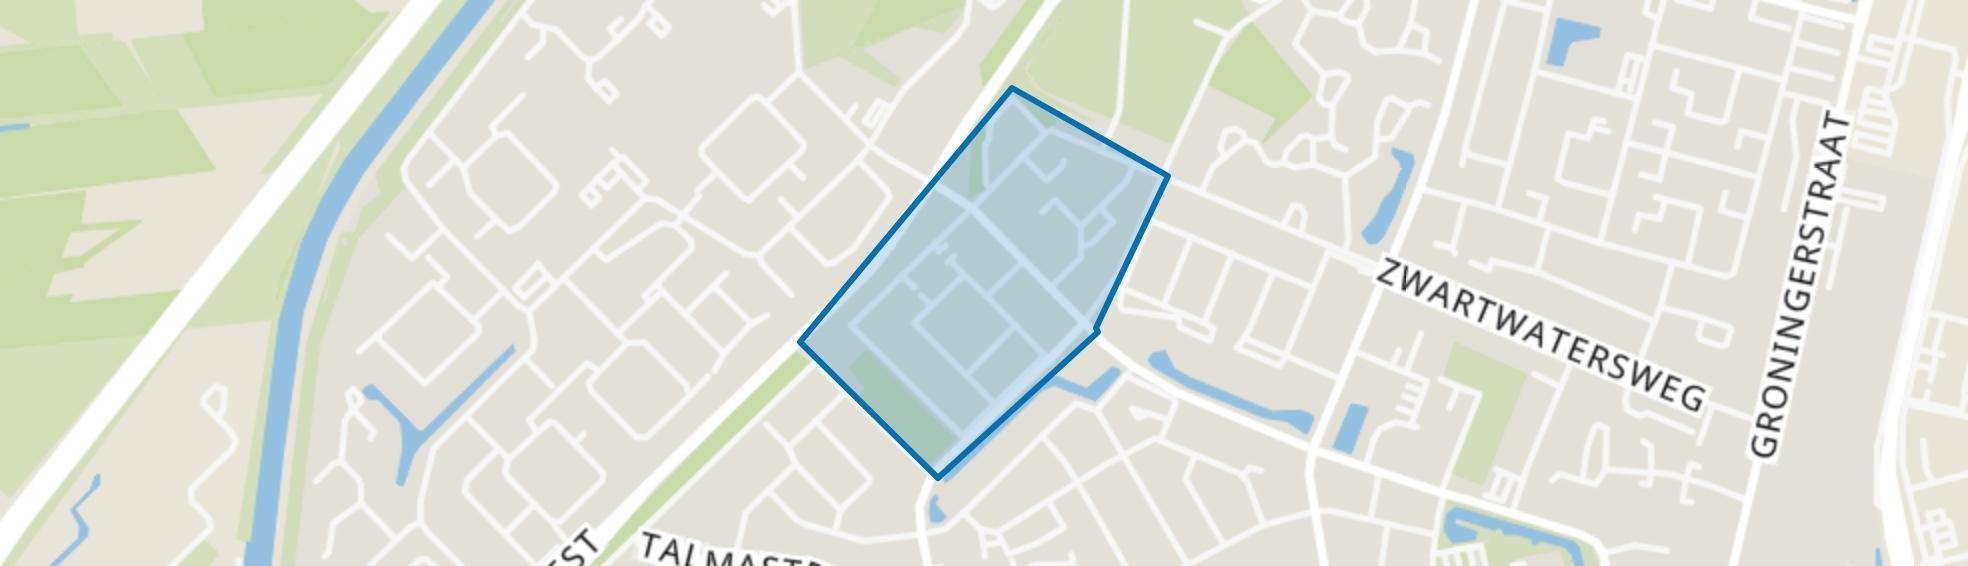 Luchiesland Noord, Assen map